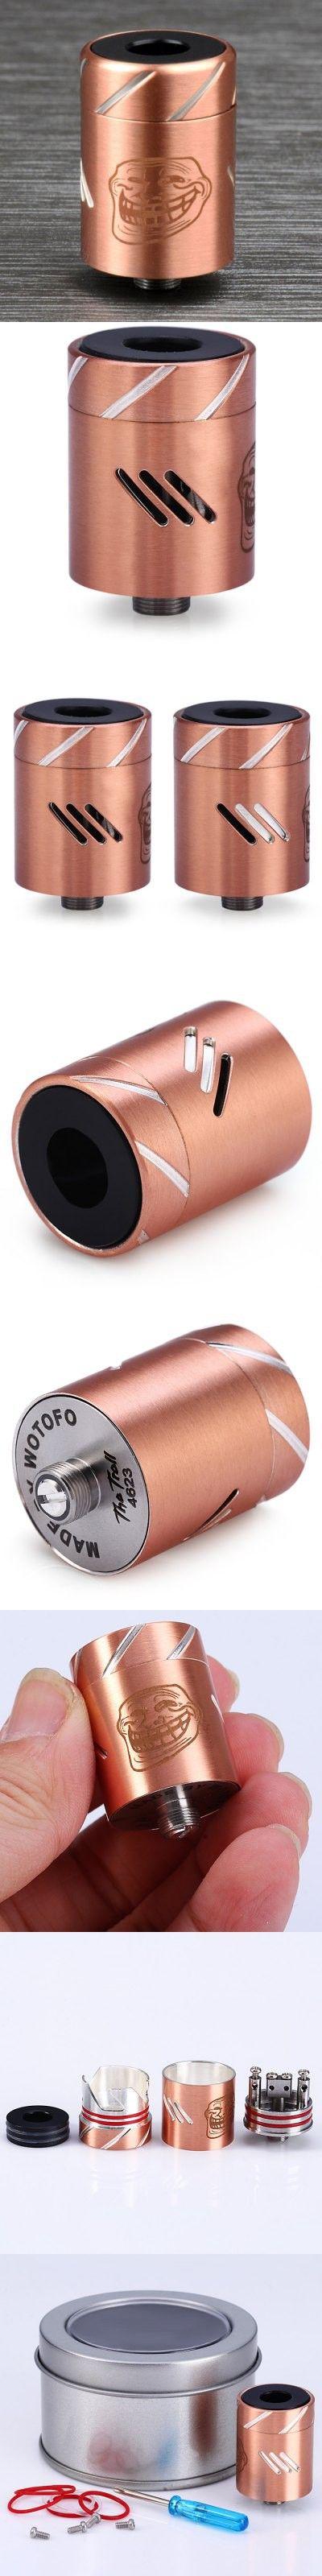 Electronic Cigarettes | Original Wotofo The Troll RDA Rebuildable E - Cigarette Dripping Atomizer $14.52